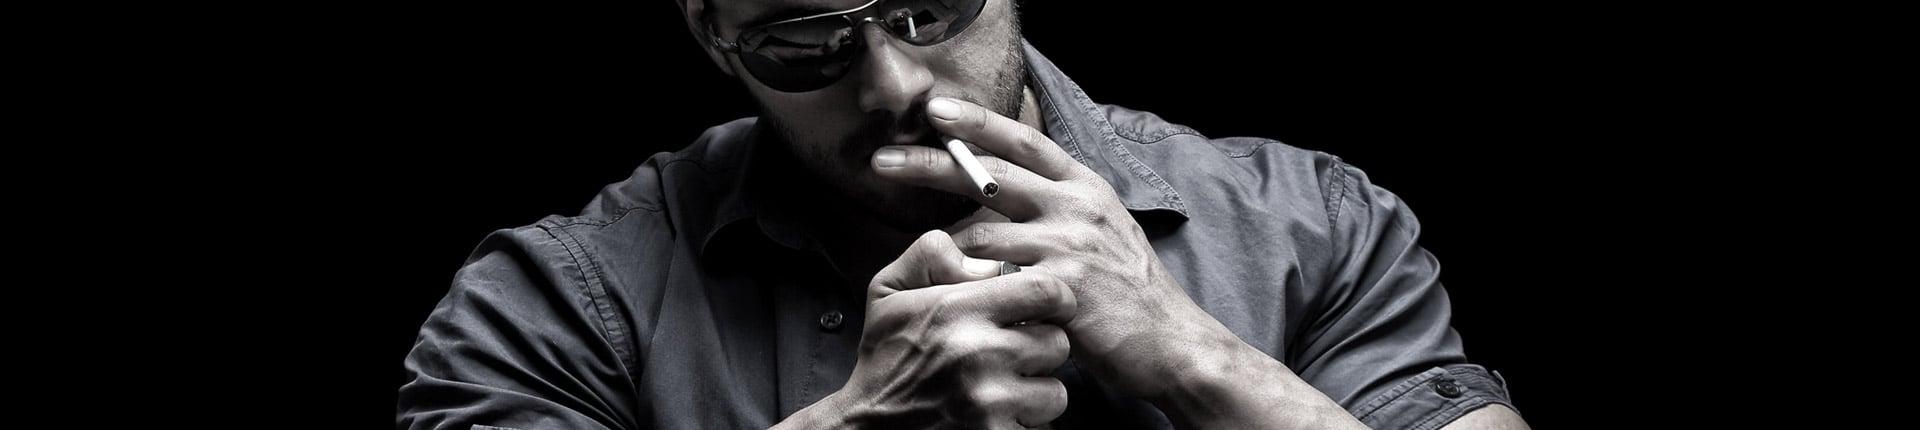 Czy palenie papierosów zmniejsza przyrost mięśni?